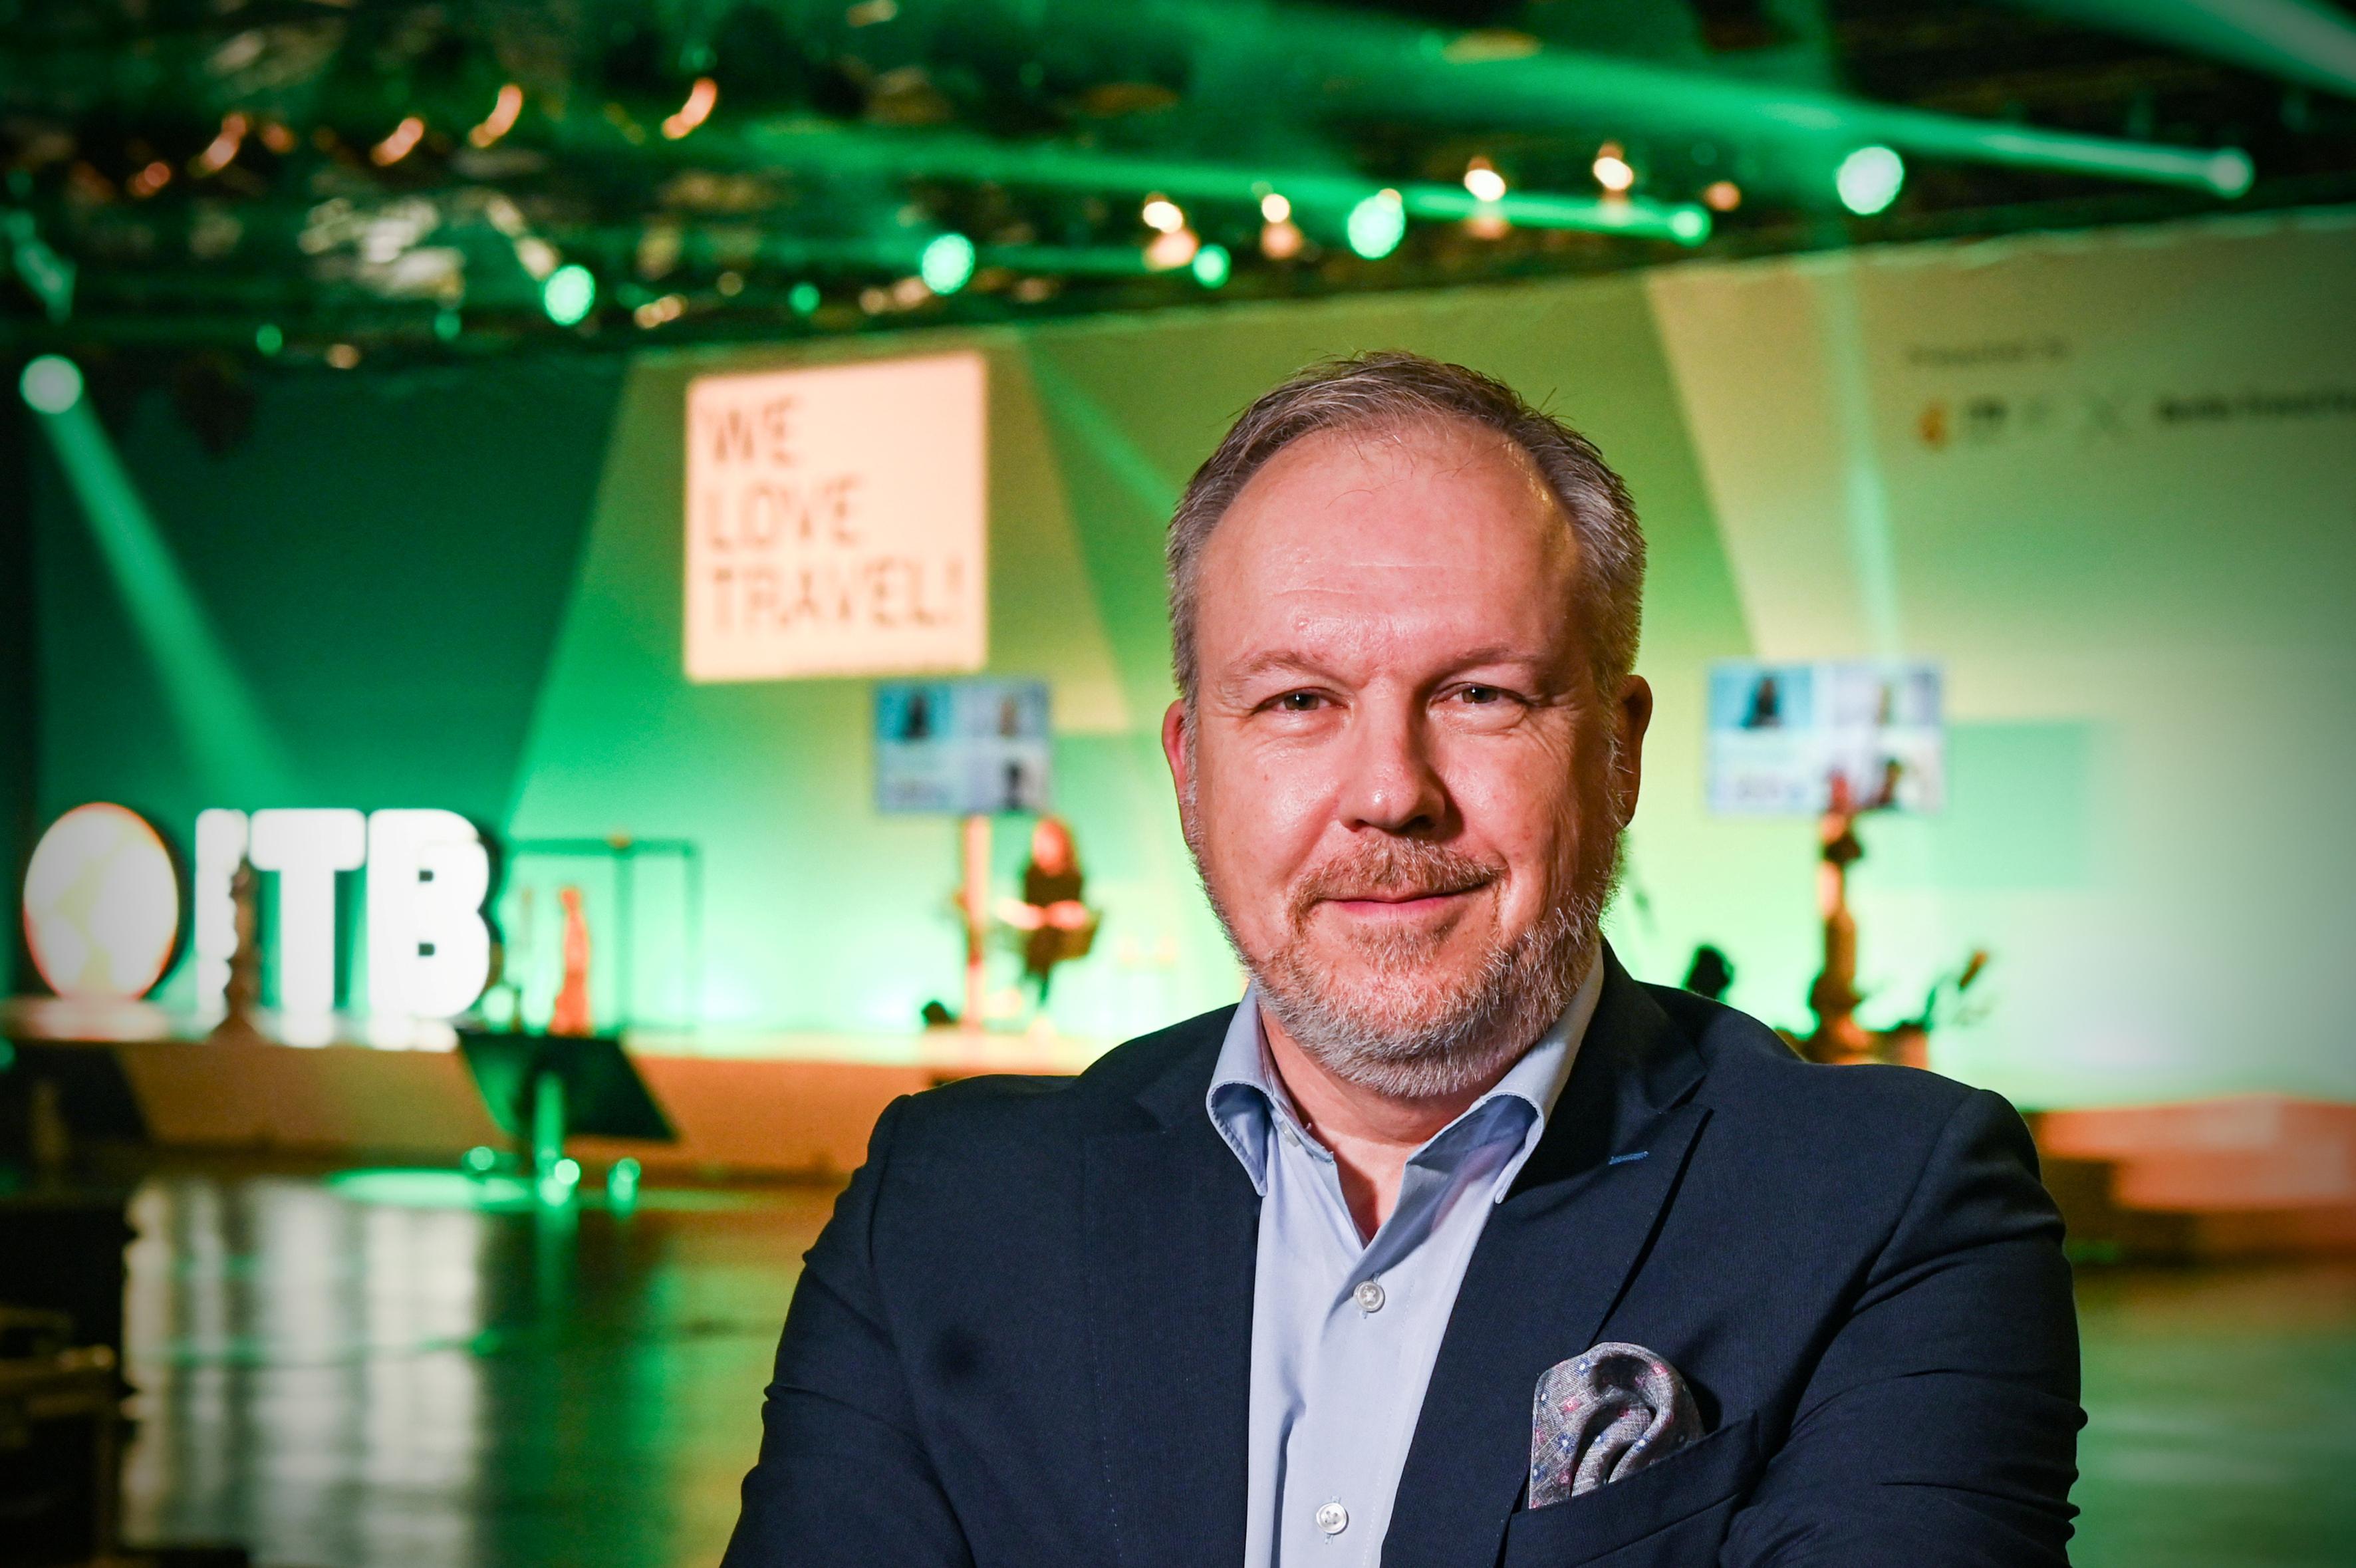 HORIZONT-Livestream Event: ITB-Messechef David Ruetz spricht über die Zukunft der Reisebranche